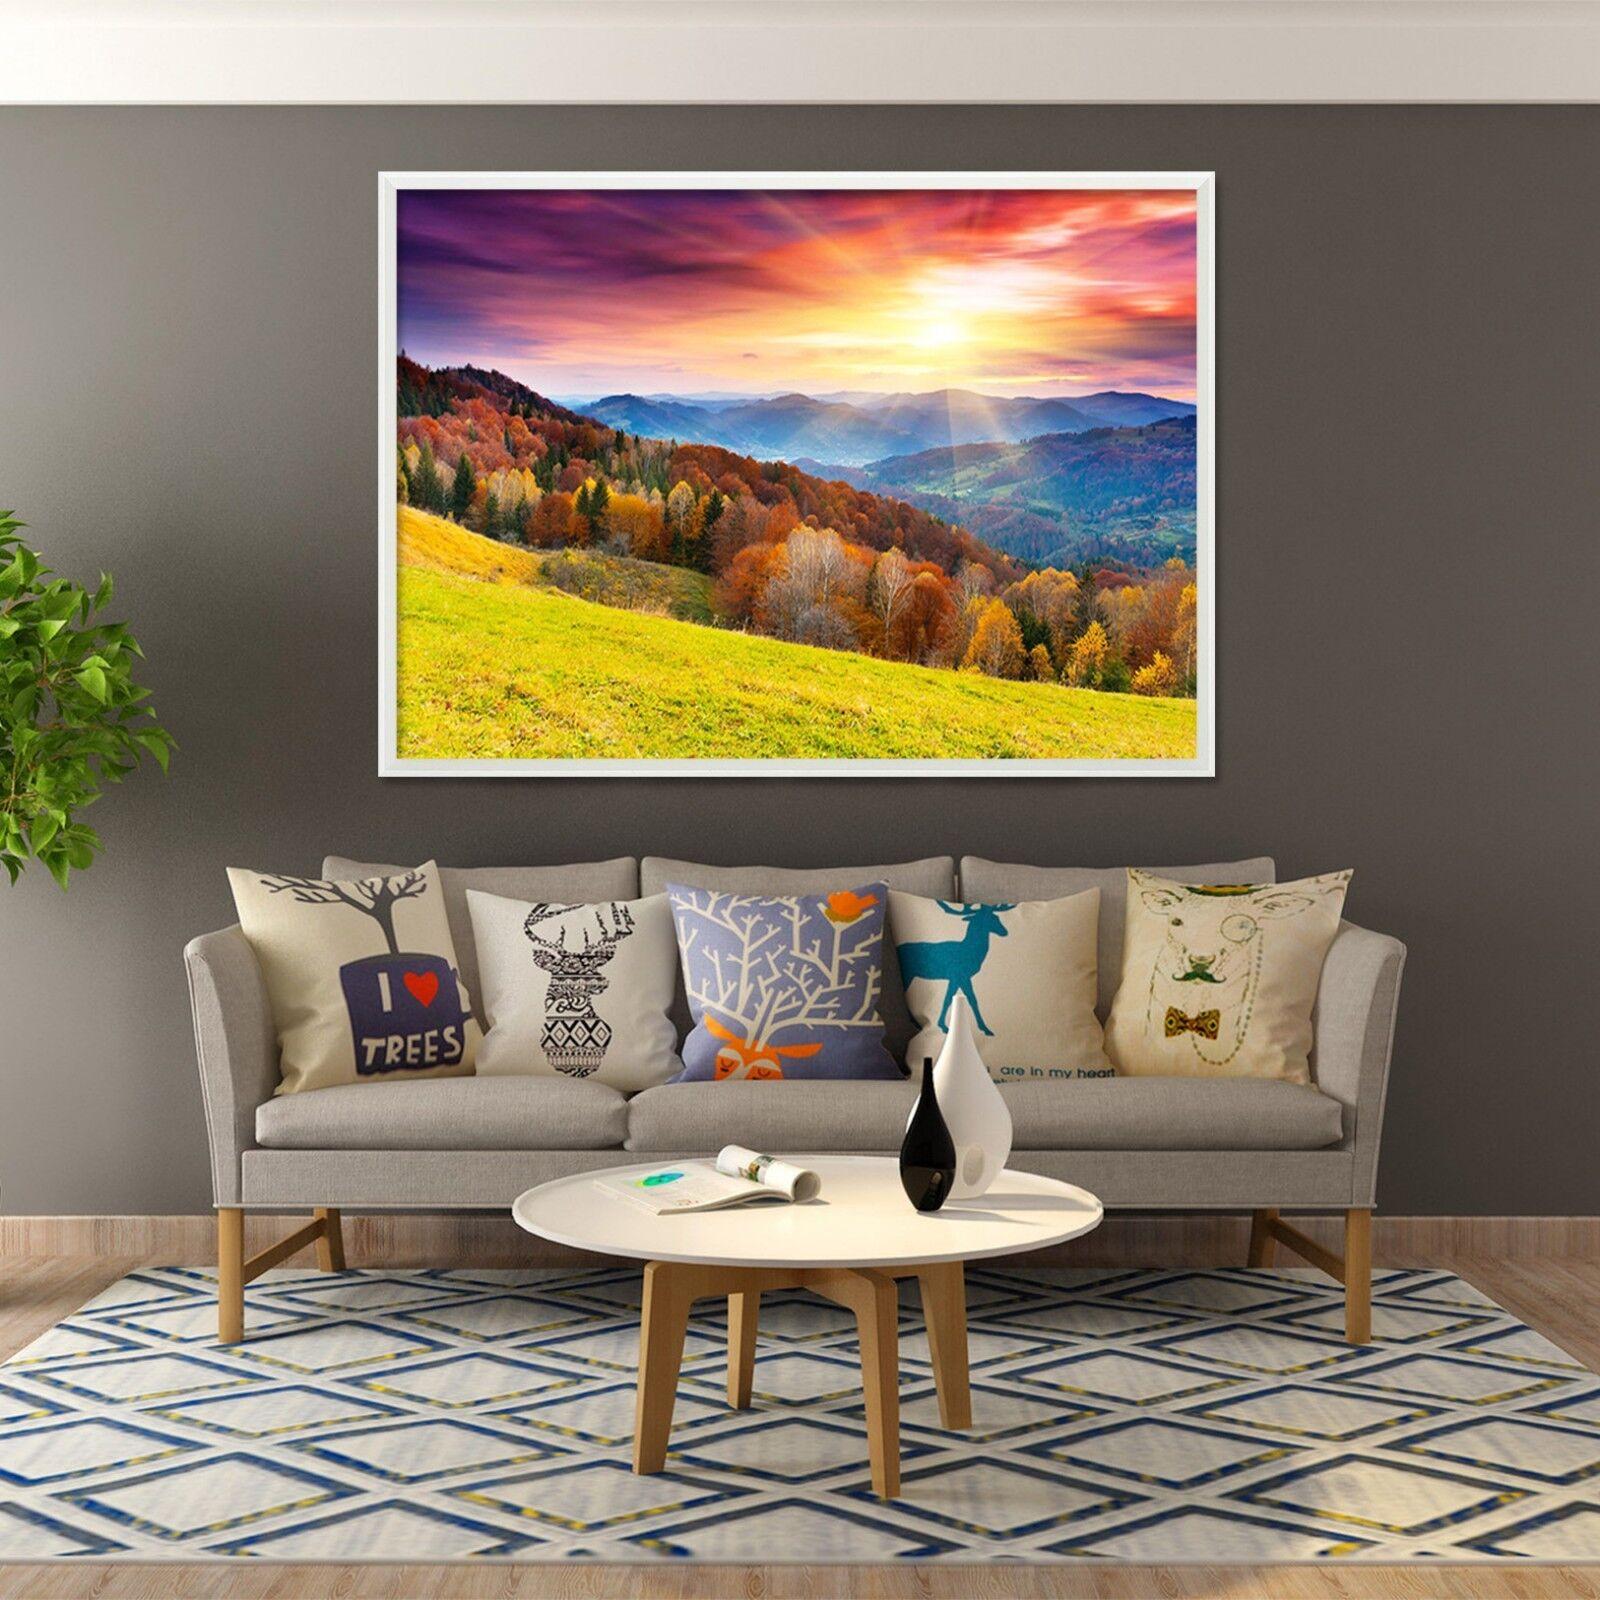 3D puesta de sol montaña 1 Póster Enmarcado Decoración del Hogar Pintura de Impresión Arte AJ Wallpaper